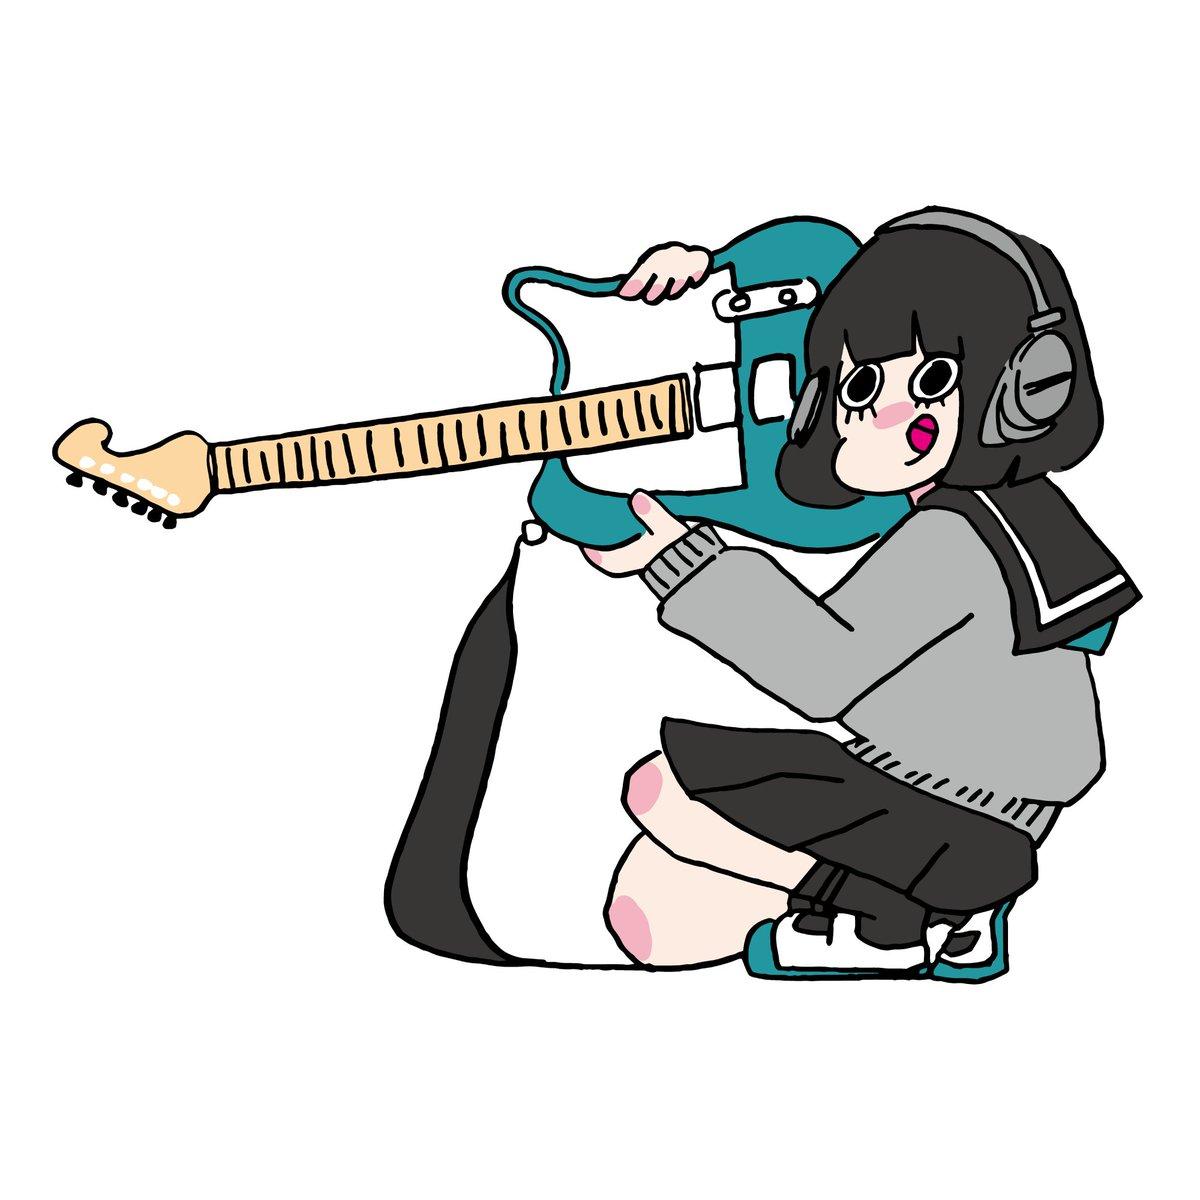 Meiyo(なにやってもうまくいかない)のイラスト絵師は誰?性別は女性?